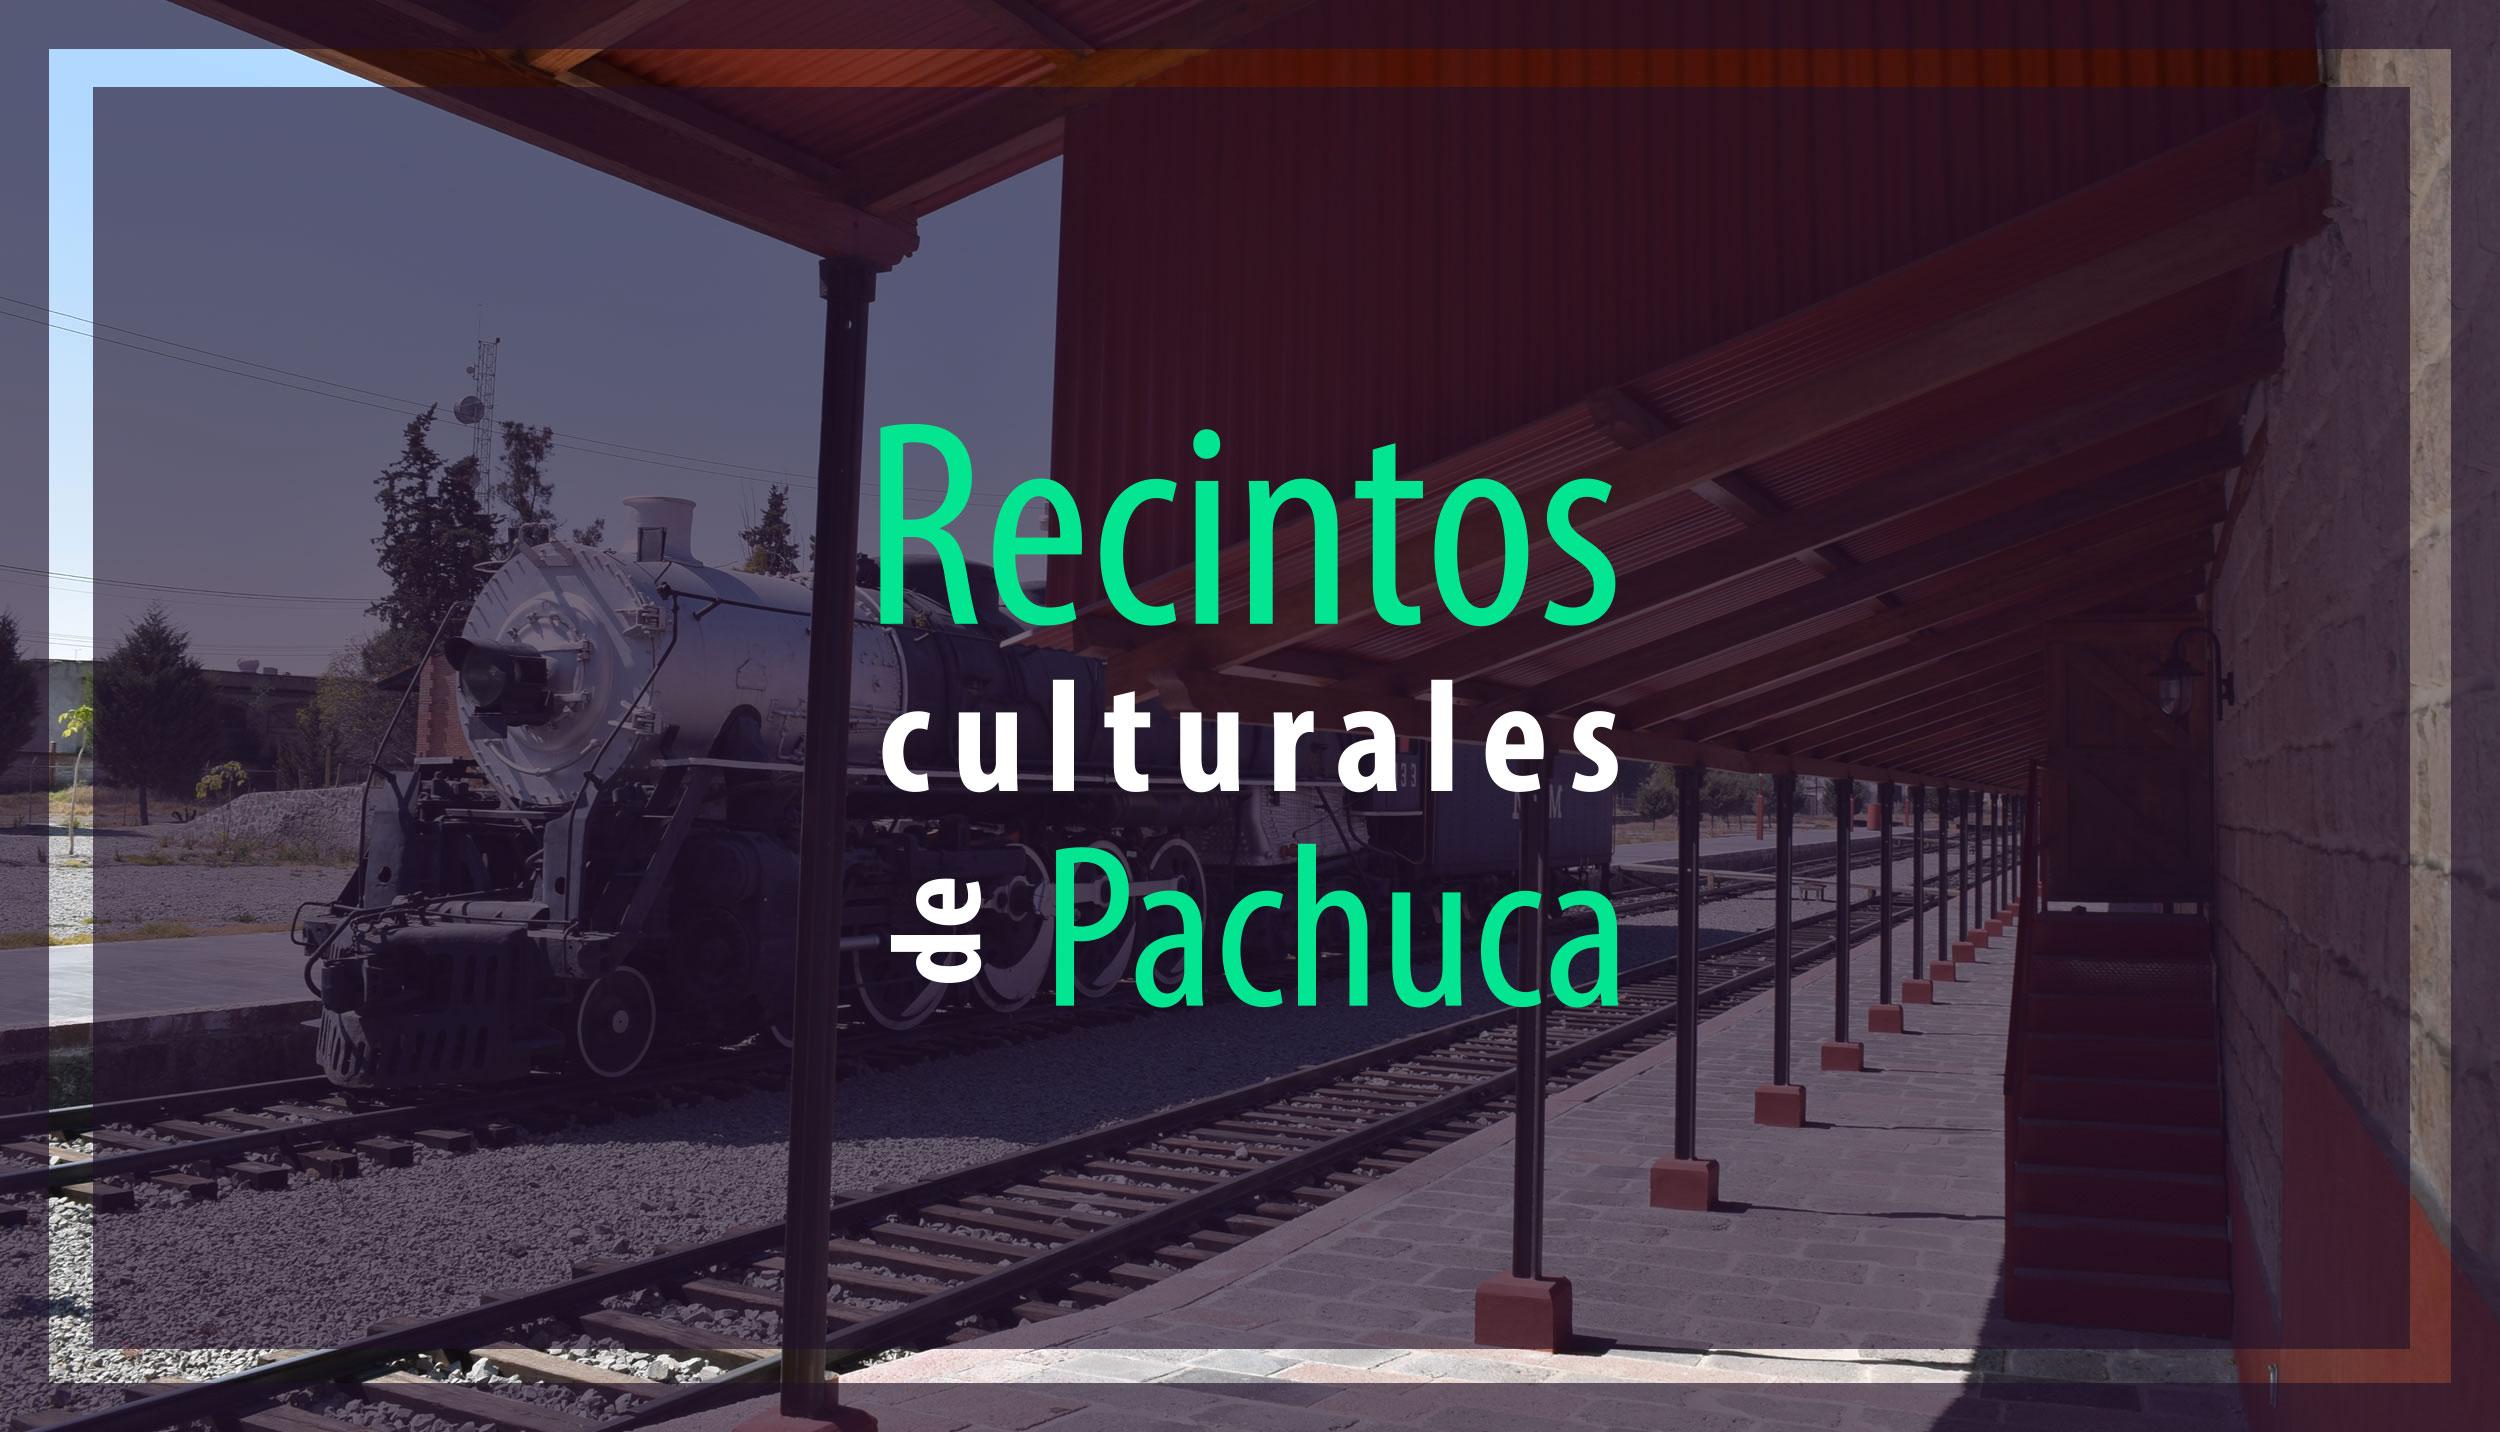 RESINTOS-PACHUCA